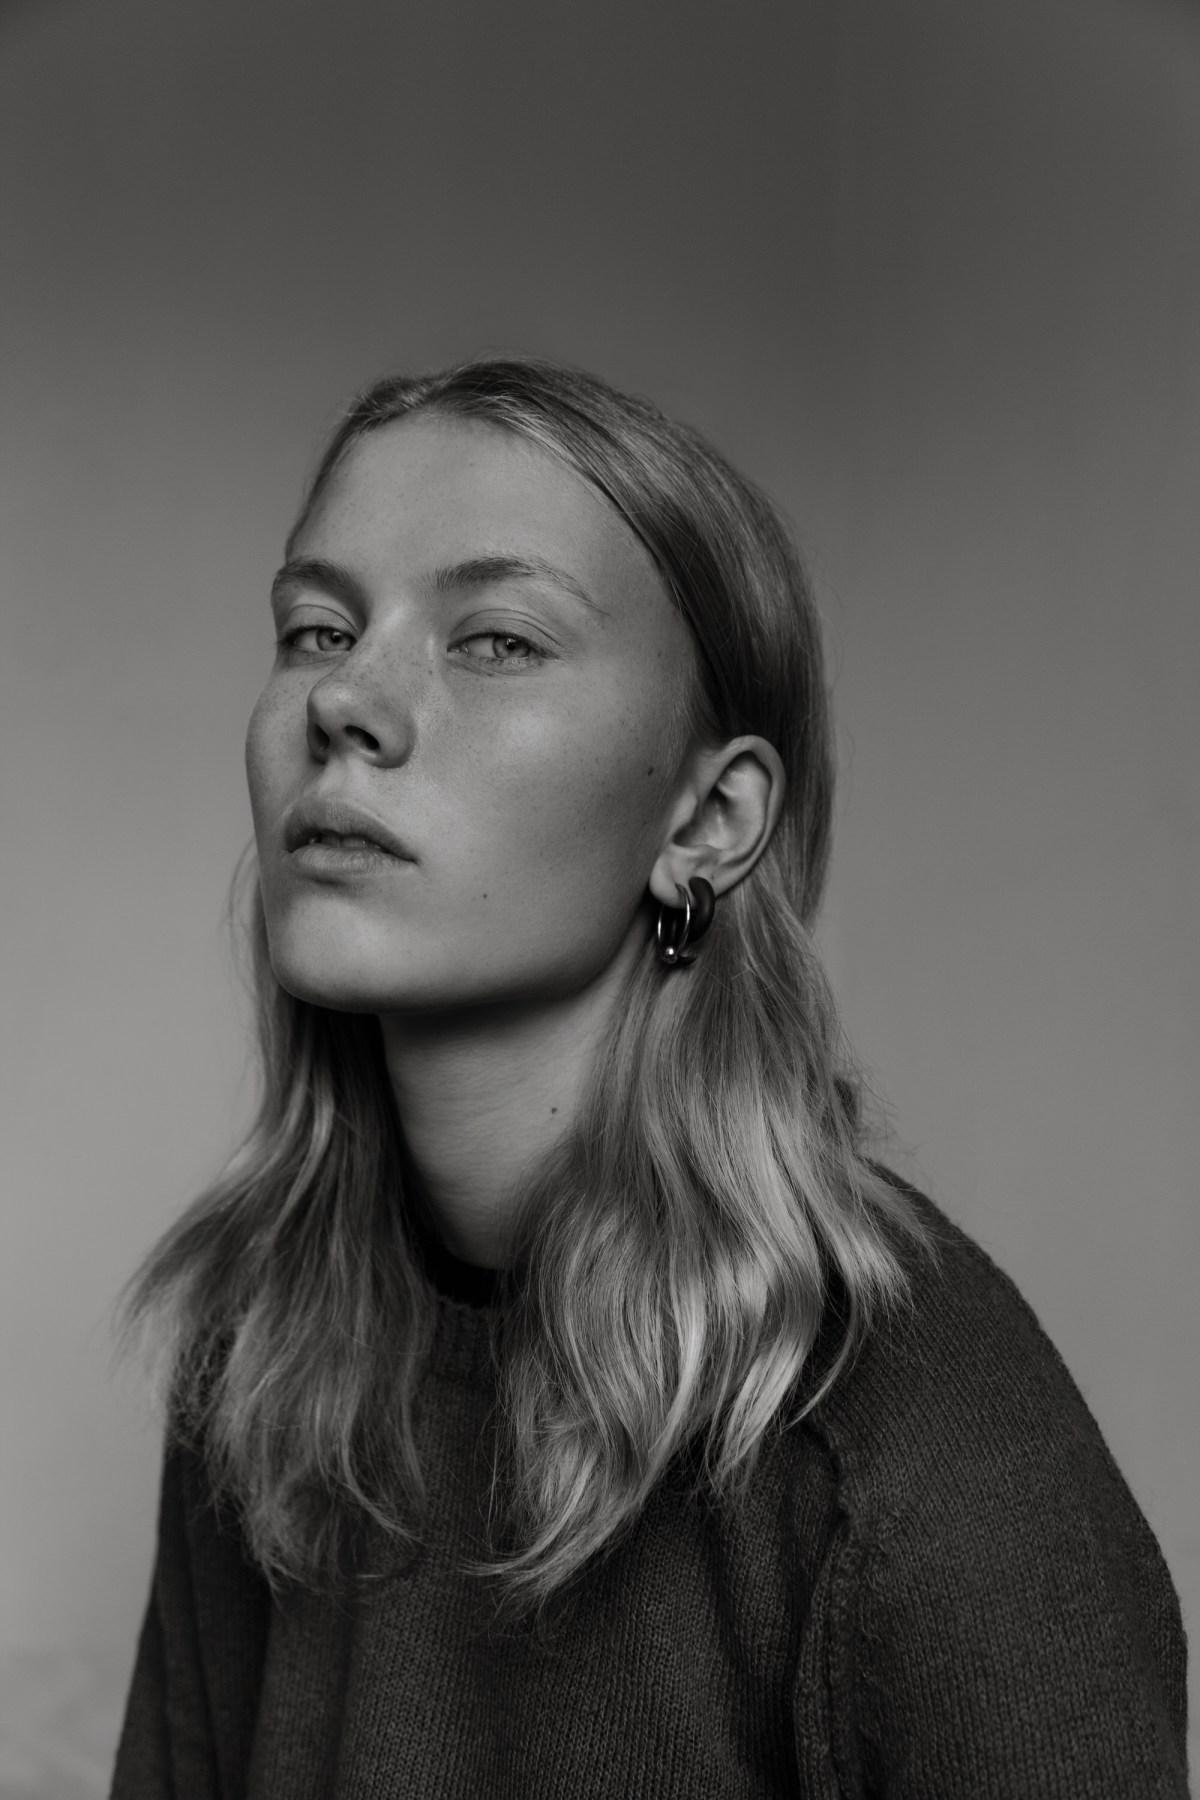 Nina Hnizdo by Stephane Boubert